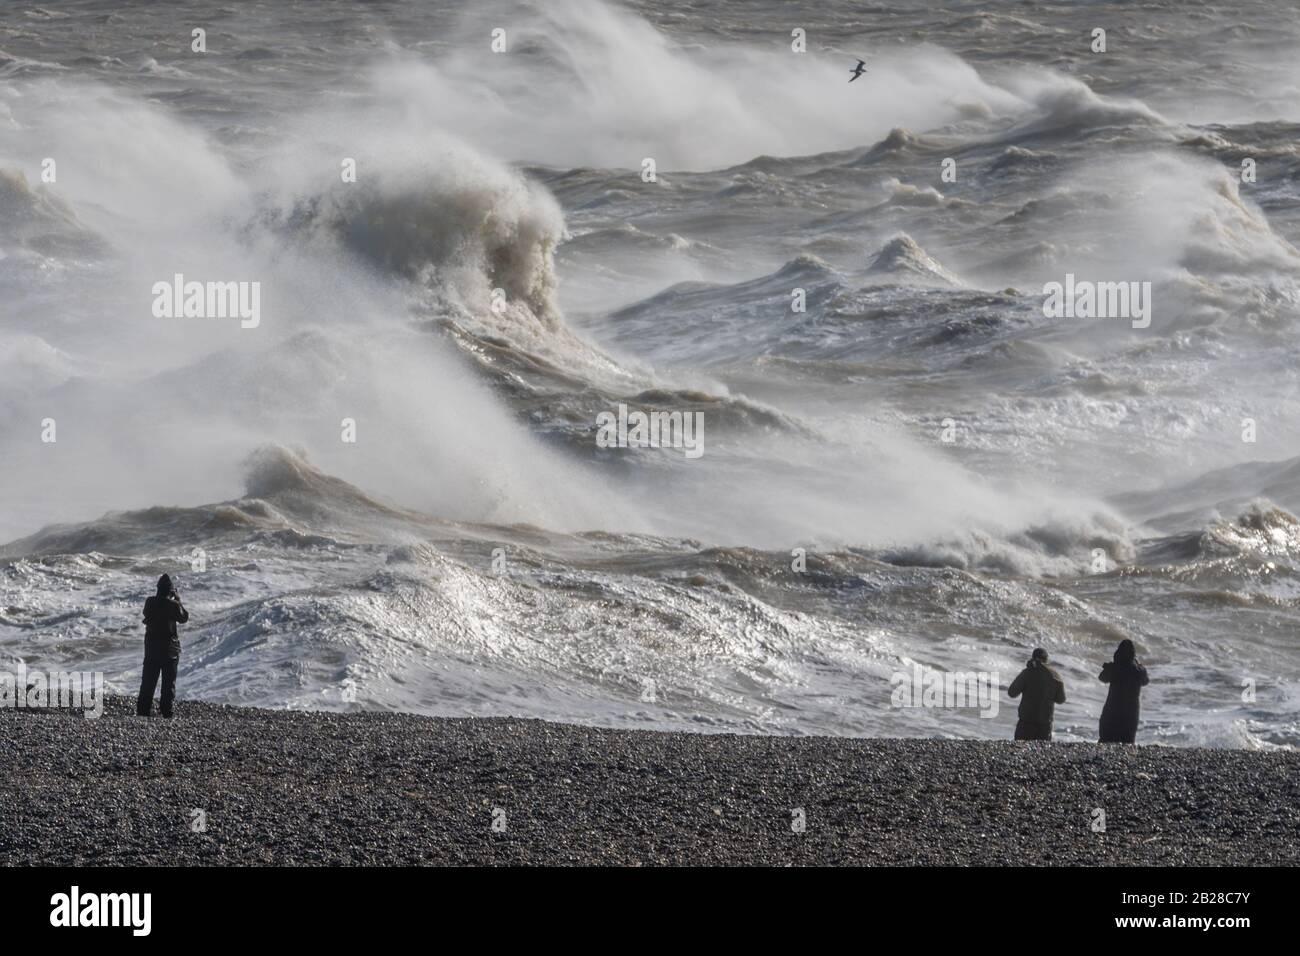 Fotógrafos bordean la playa de Newhaven, East Sussex, mientras la tormenta Jorge desata vientos fuertes y fuertes lluvias el 29 de febrero de 2020. Foto de stock